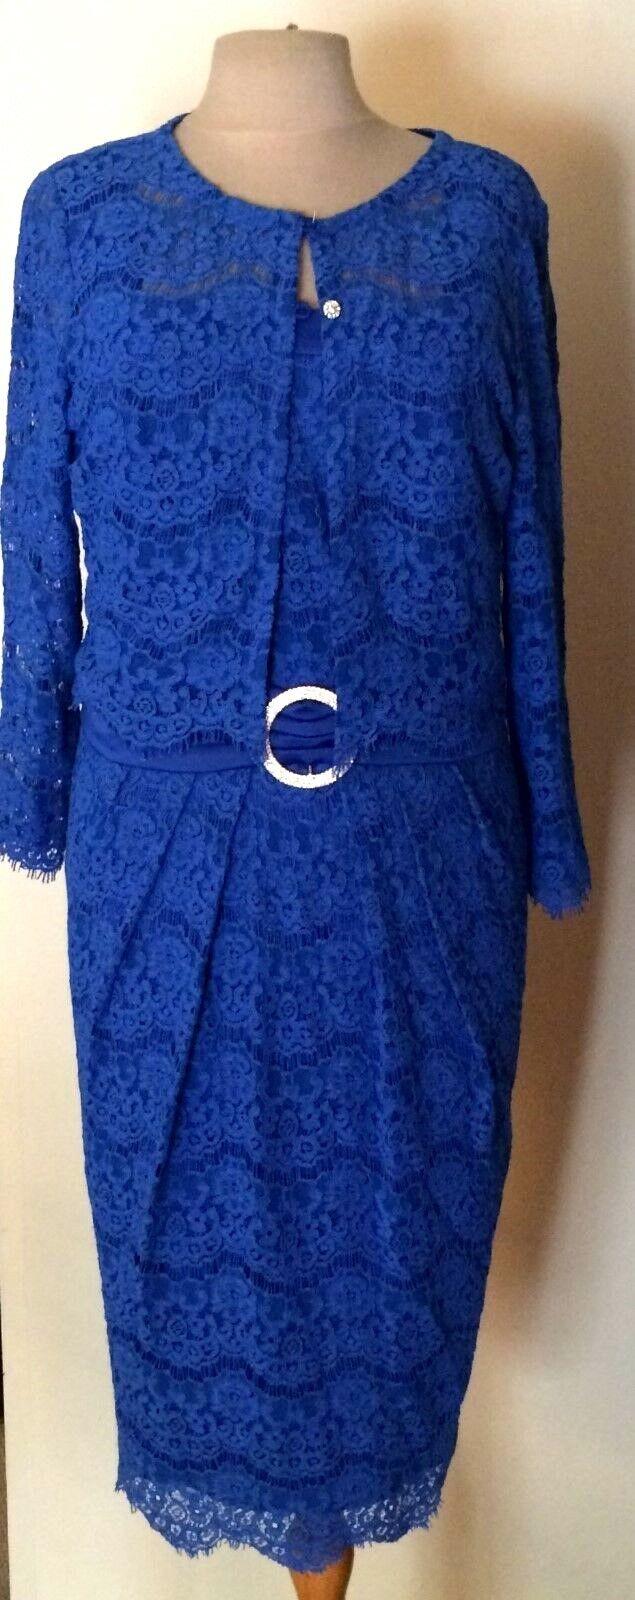 LUIS CIVIT MOTHER OF THE BRIDE COBALT BLUE LACE DRESS & JACKET SIZE 12